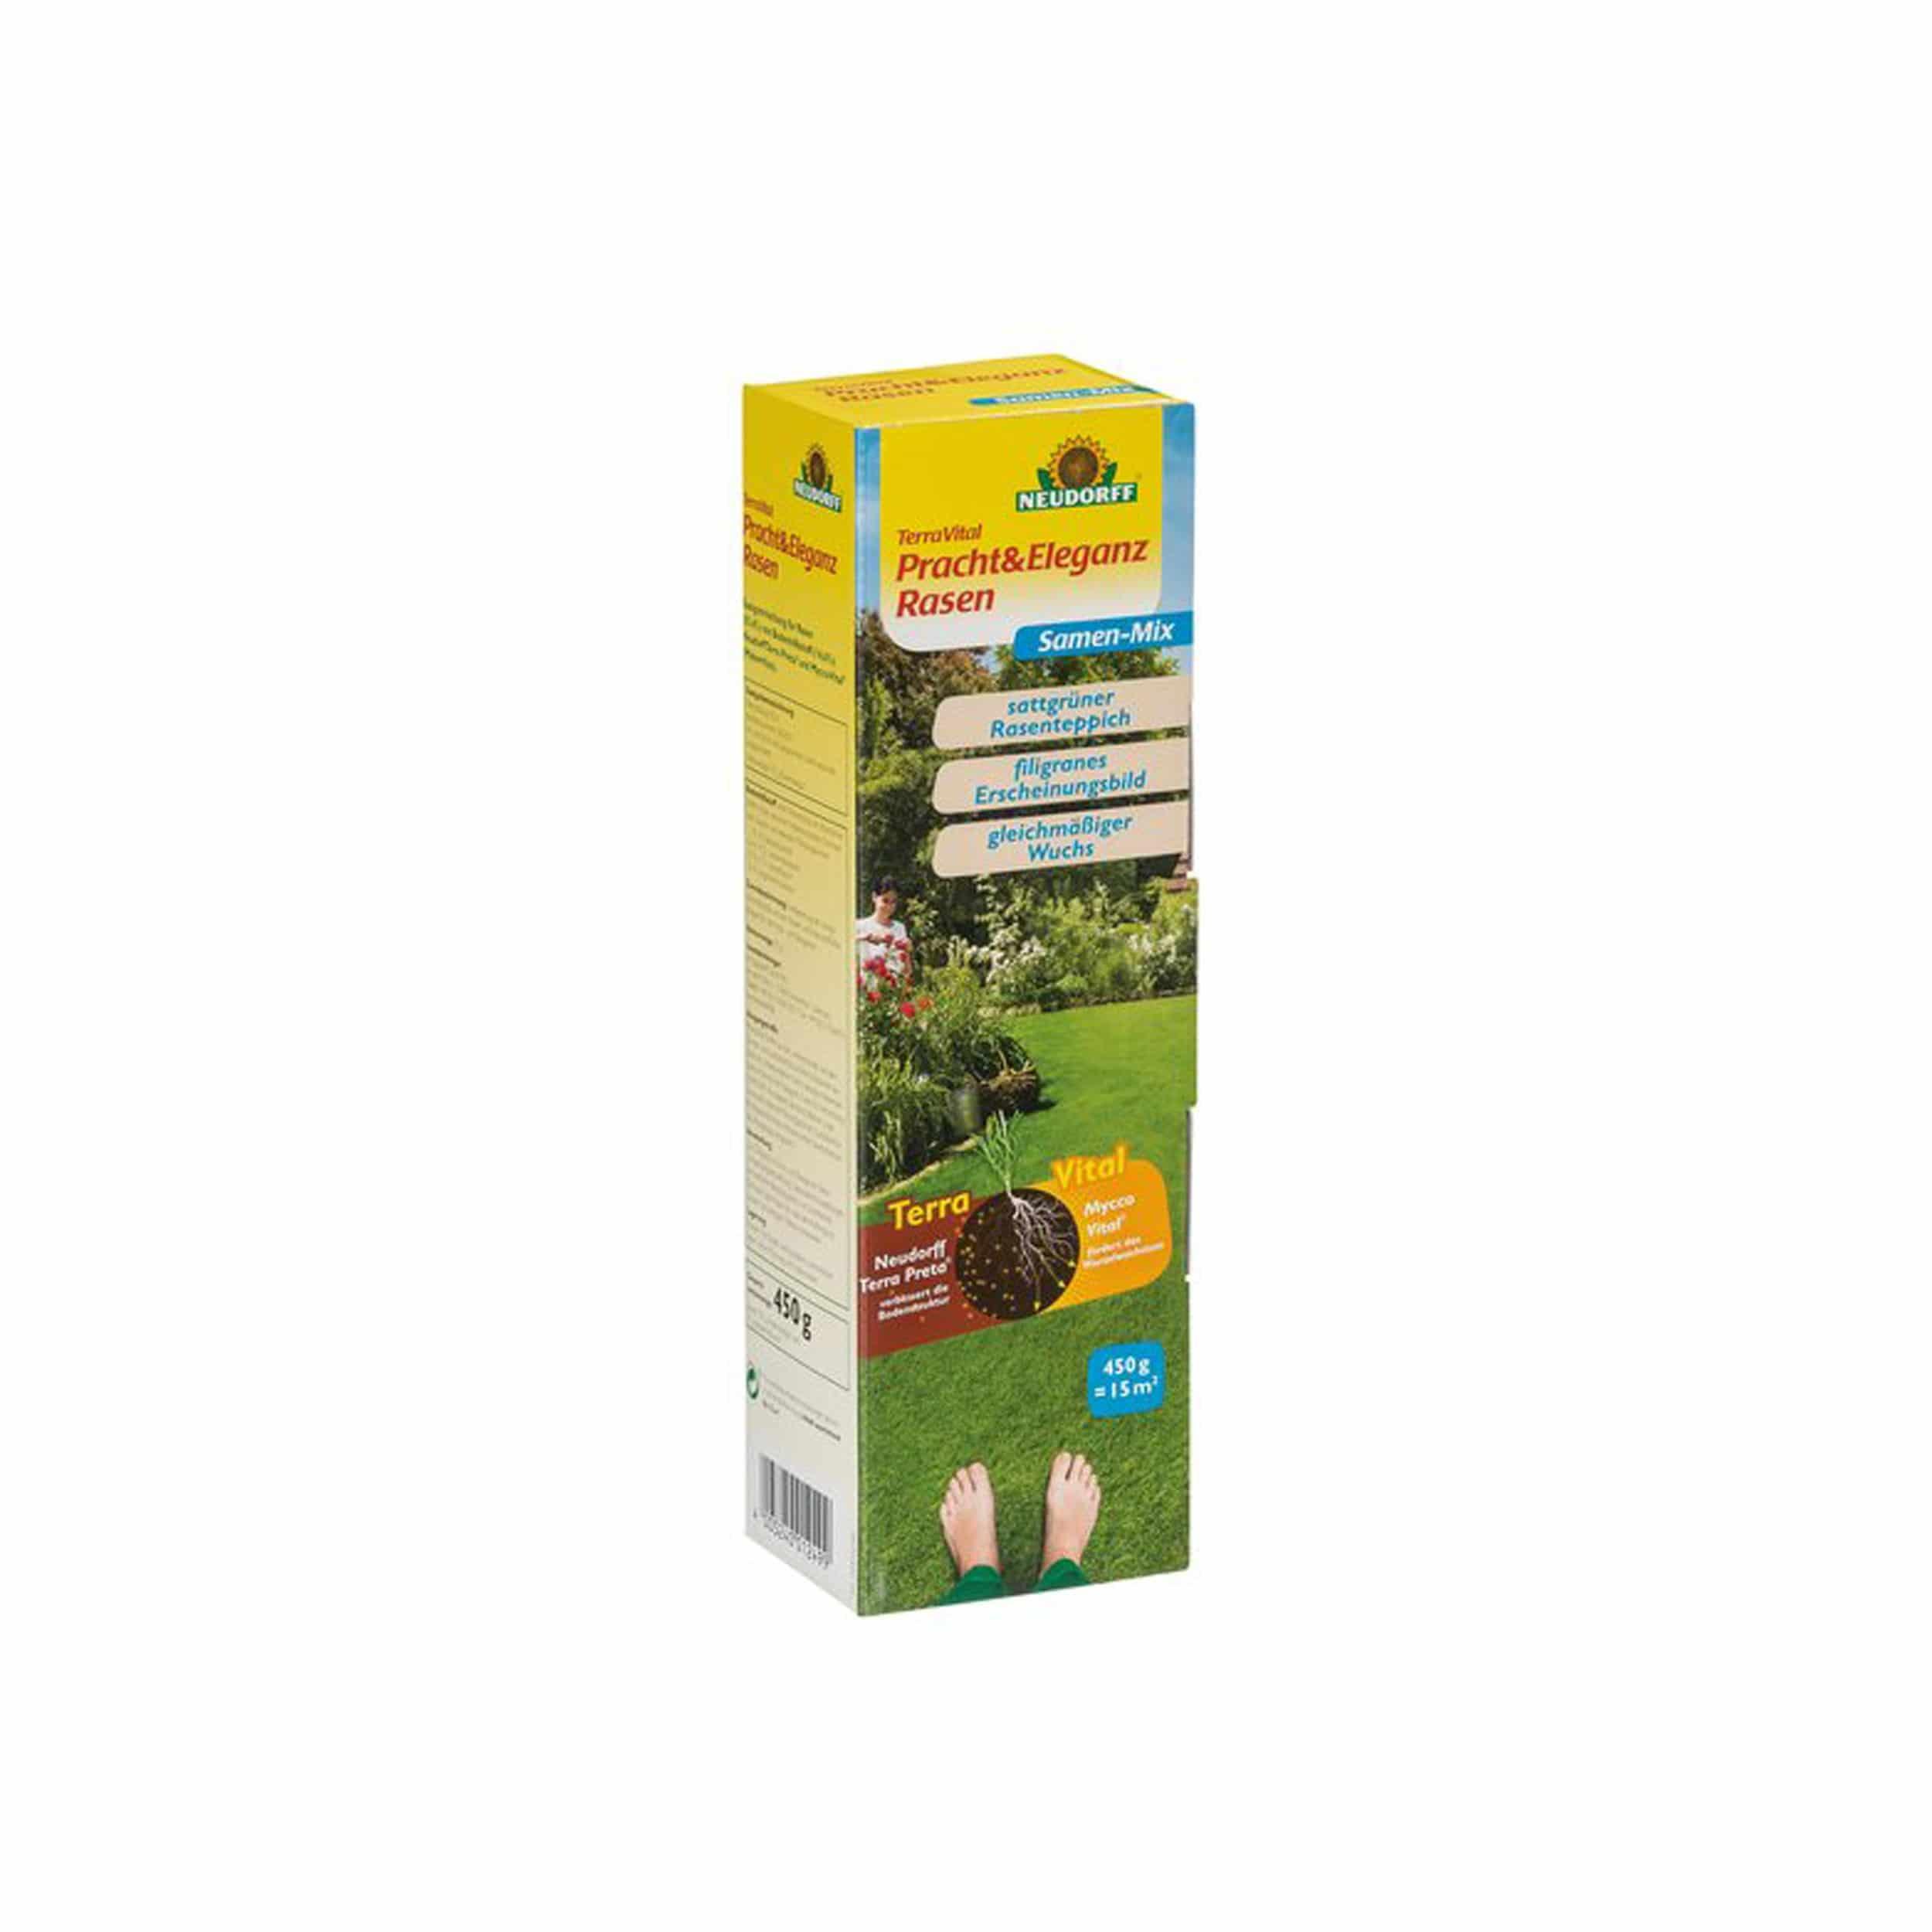 TerraVital Pracht&EleganzRasen Samen-Mix 450 g